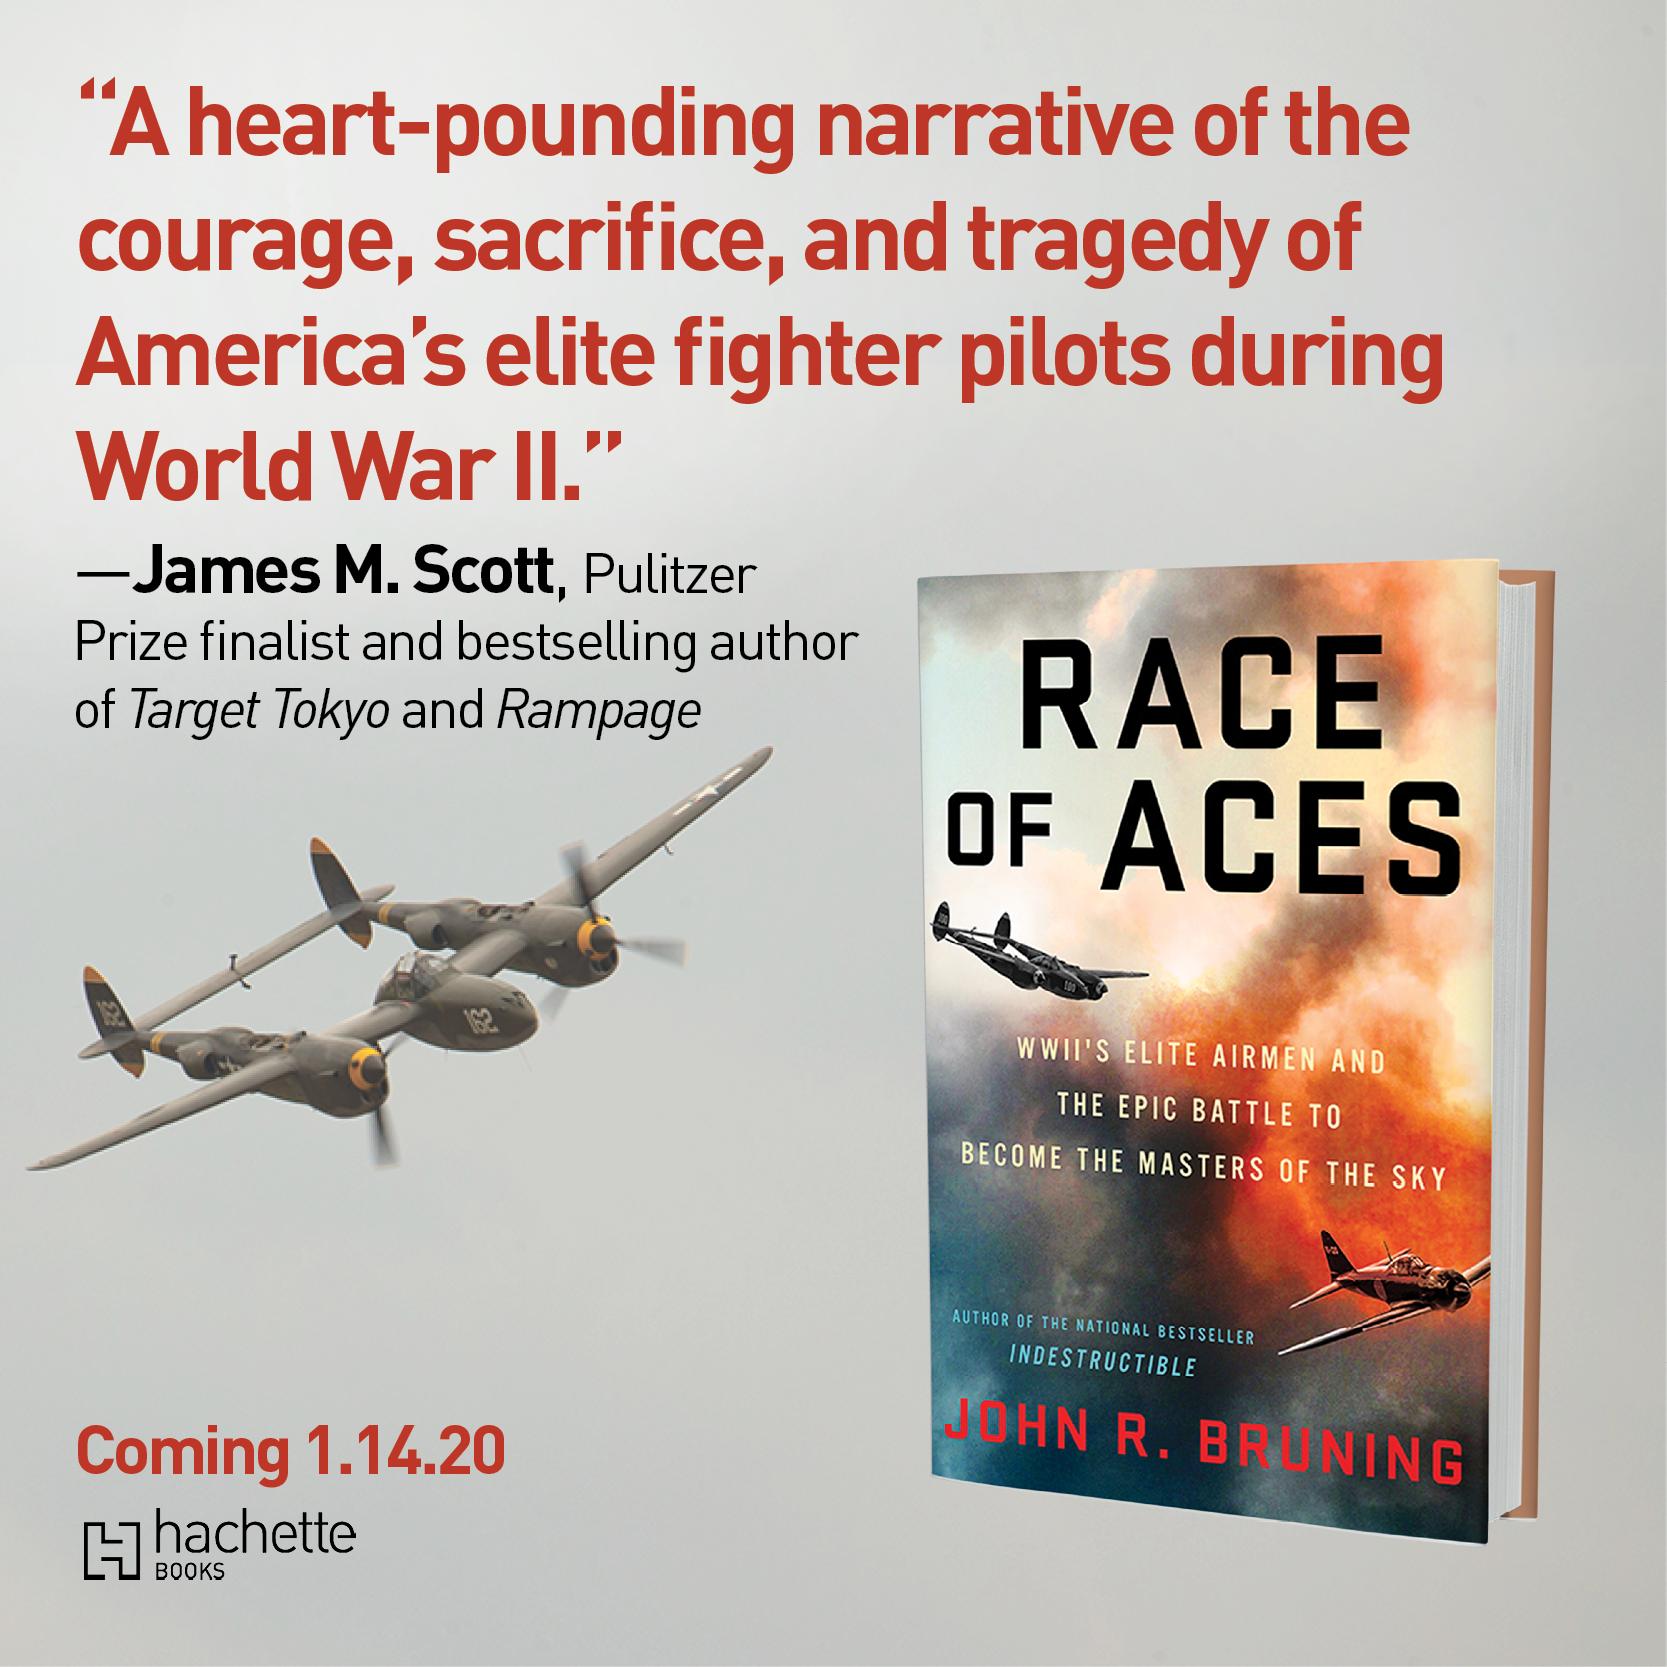 Race of Aces_James M. Scott quote[1]